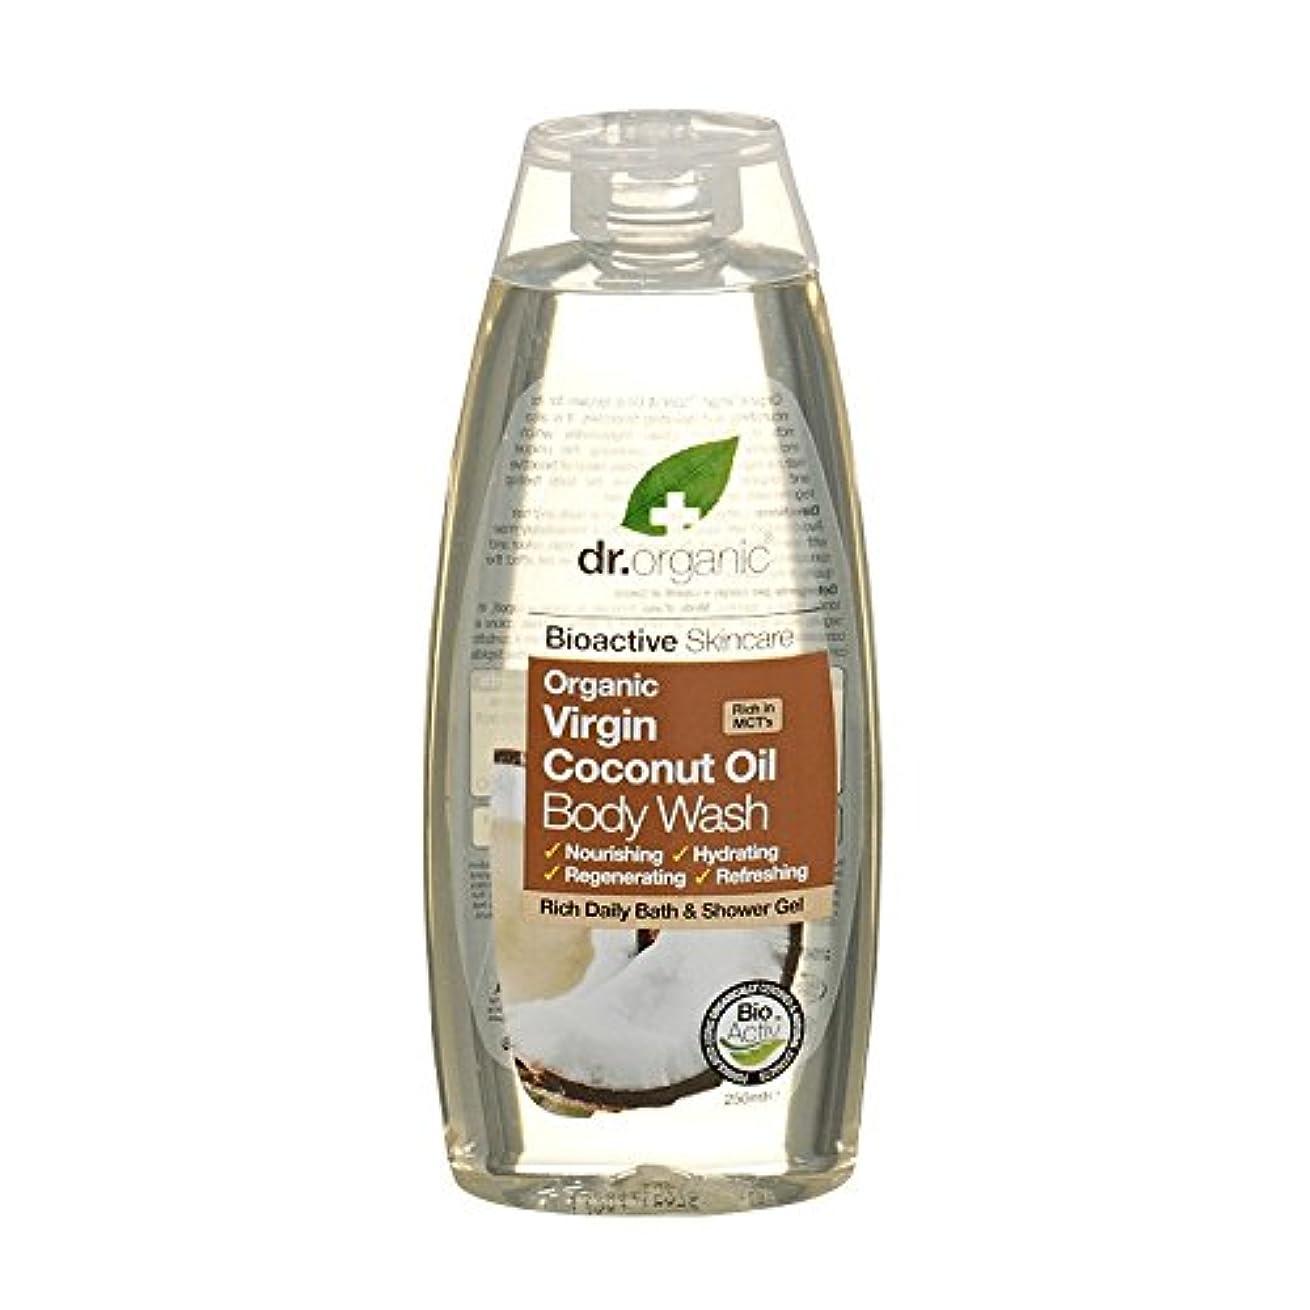 サーキットに行くリネンほこりDr有機有機バージンココナッツオイルボディウォッシュ - Dr Organic Organic Virgin Coconut Oil Body Wash (Dr Organic) [並行輸入品]